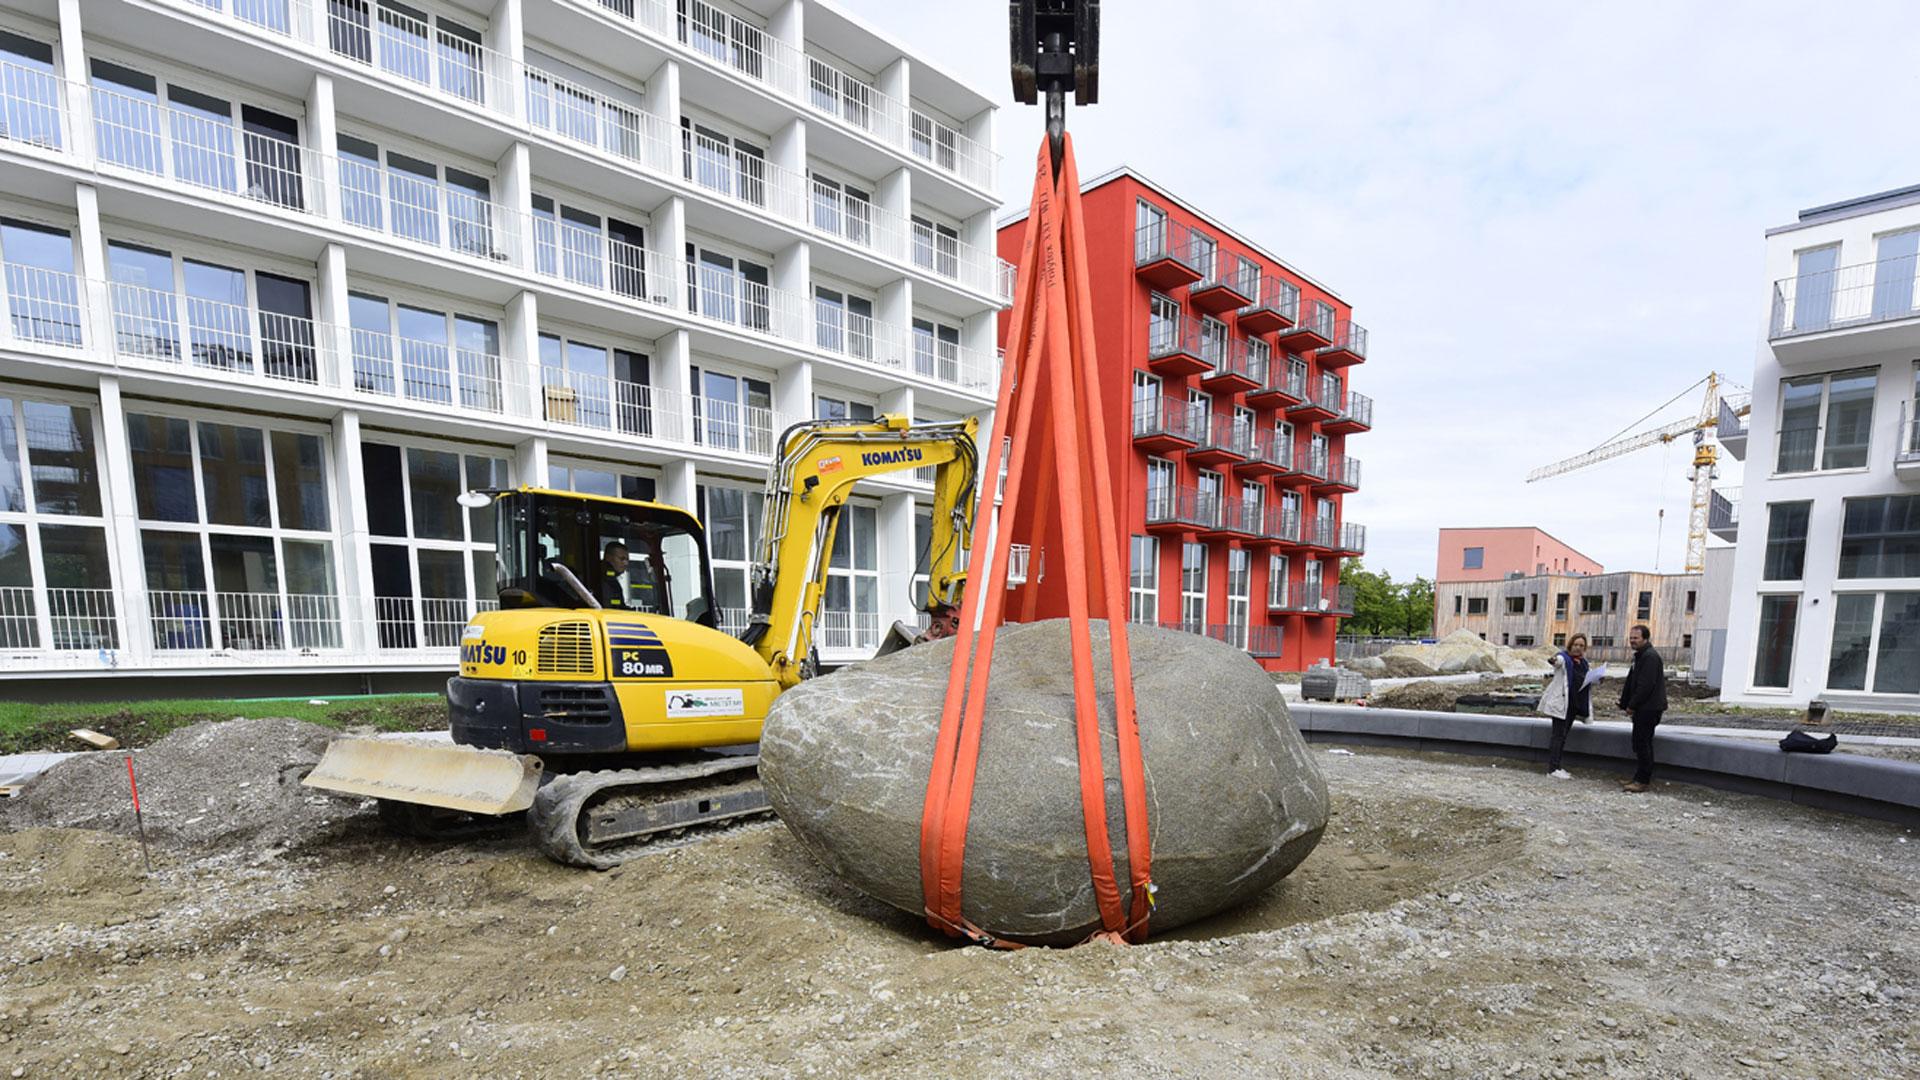 Kran und Bauarbeiter bei der Herzsteinsetzung im Gartenbereich der studiomuc Apartmenthäuser unter Anweisung von Barbara Jurk vom Architekturbüro atelier8